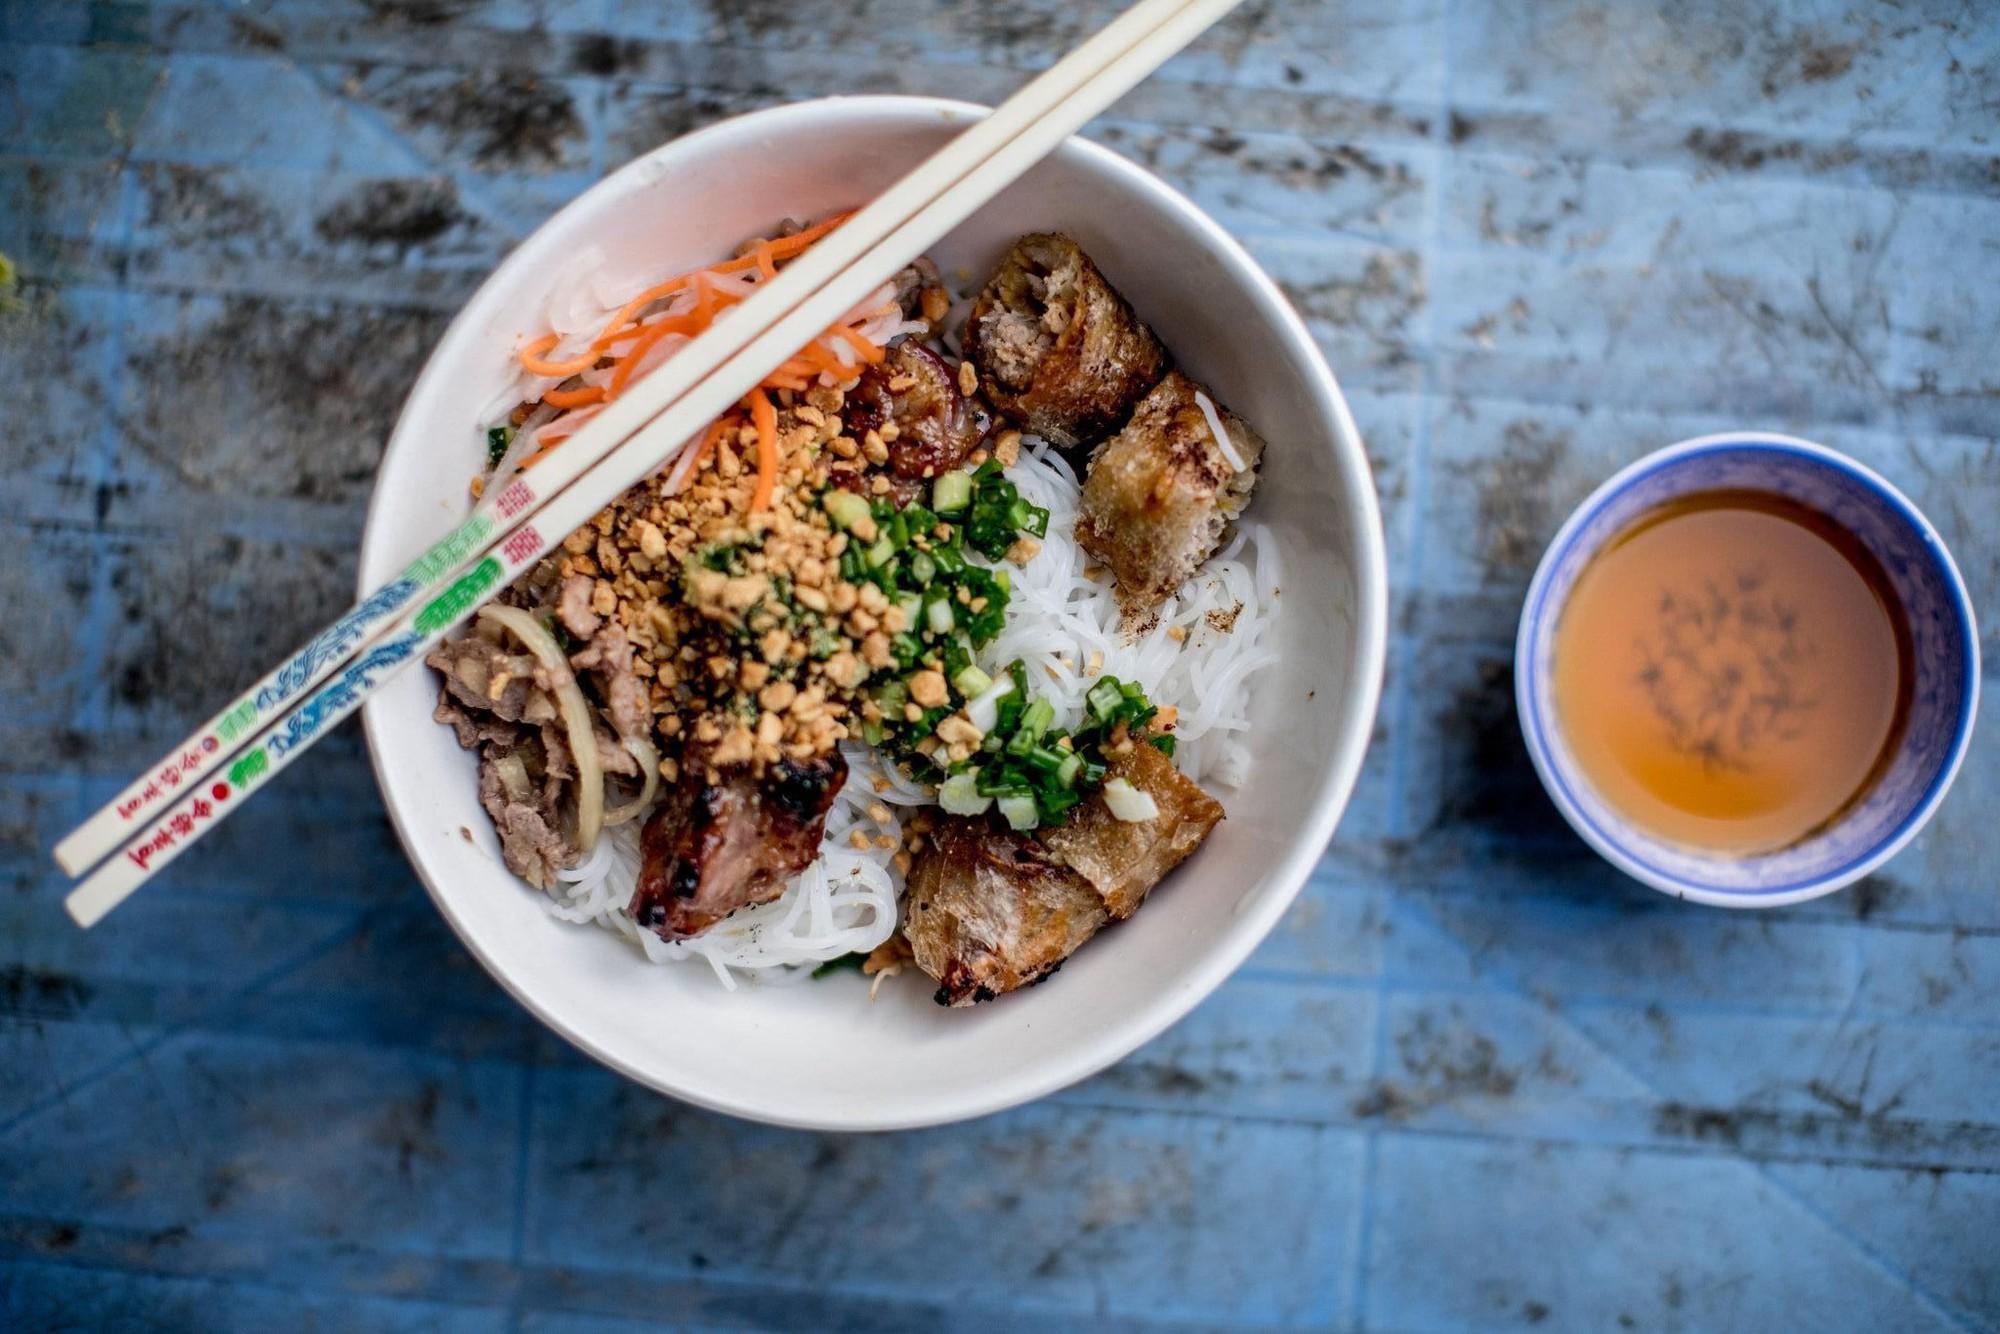 Quán bún thịt nướng có thâm niên trên 20 năm ở Sài Gòn - 1